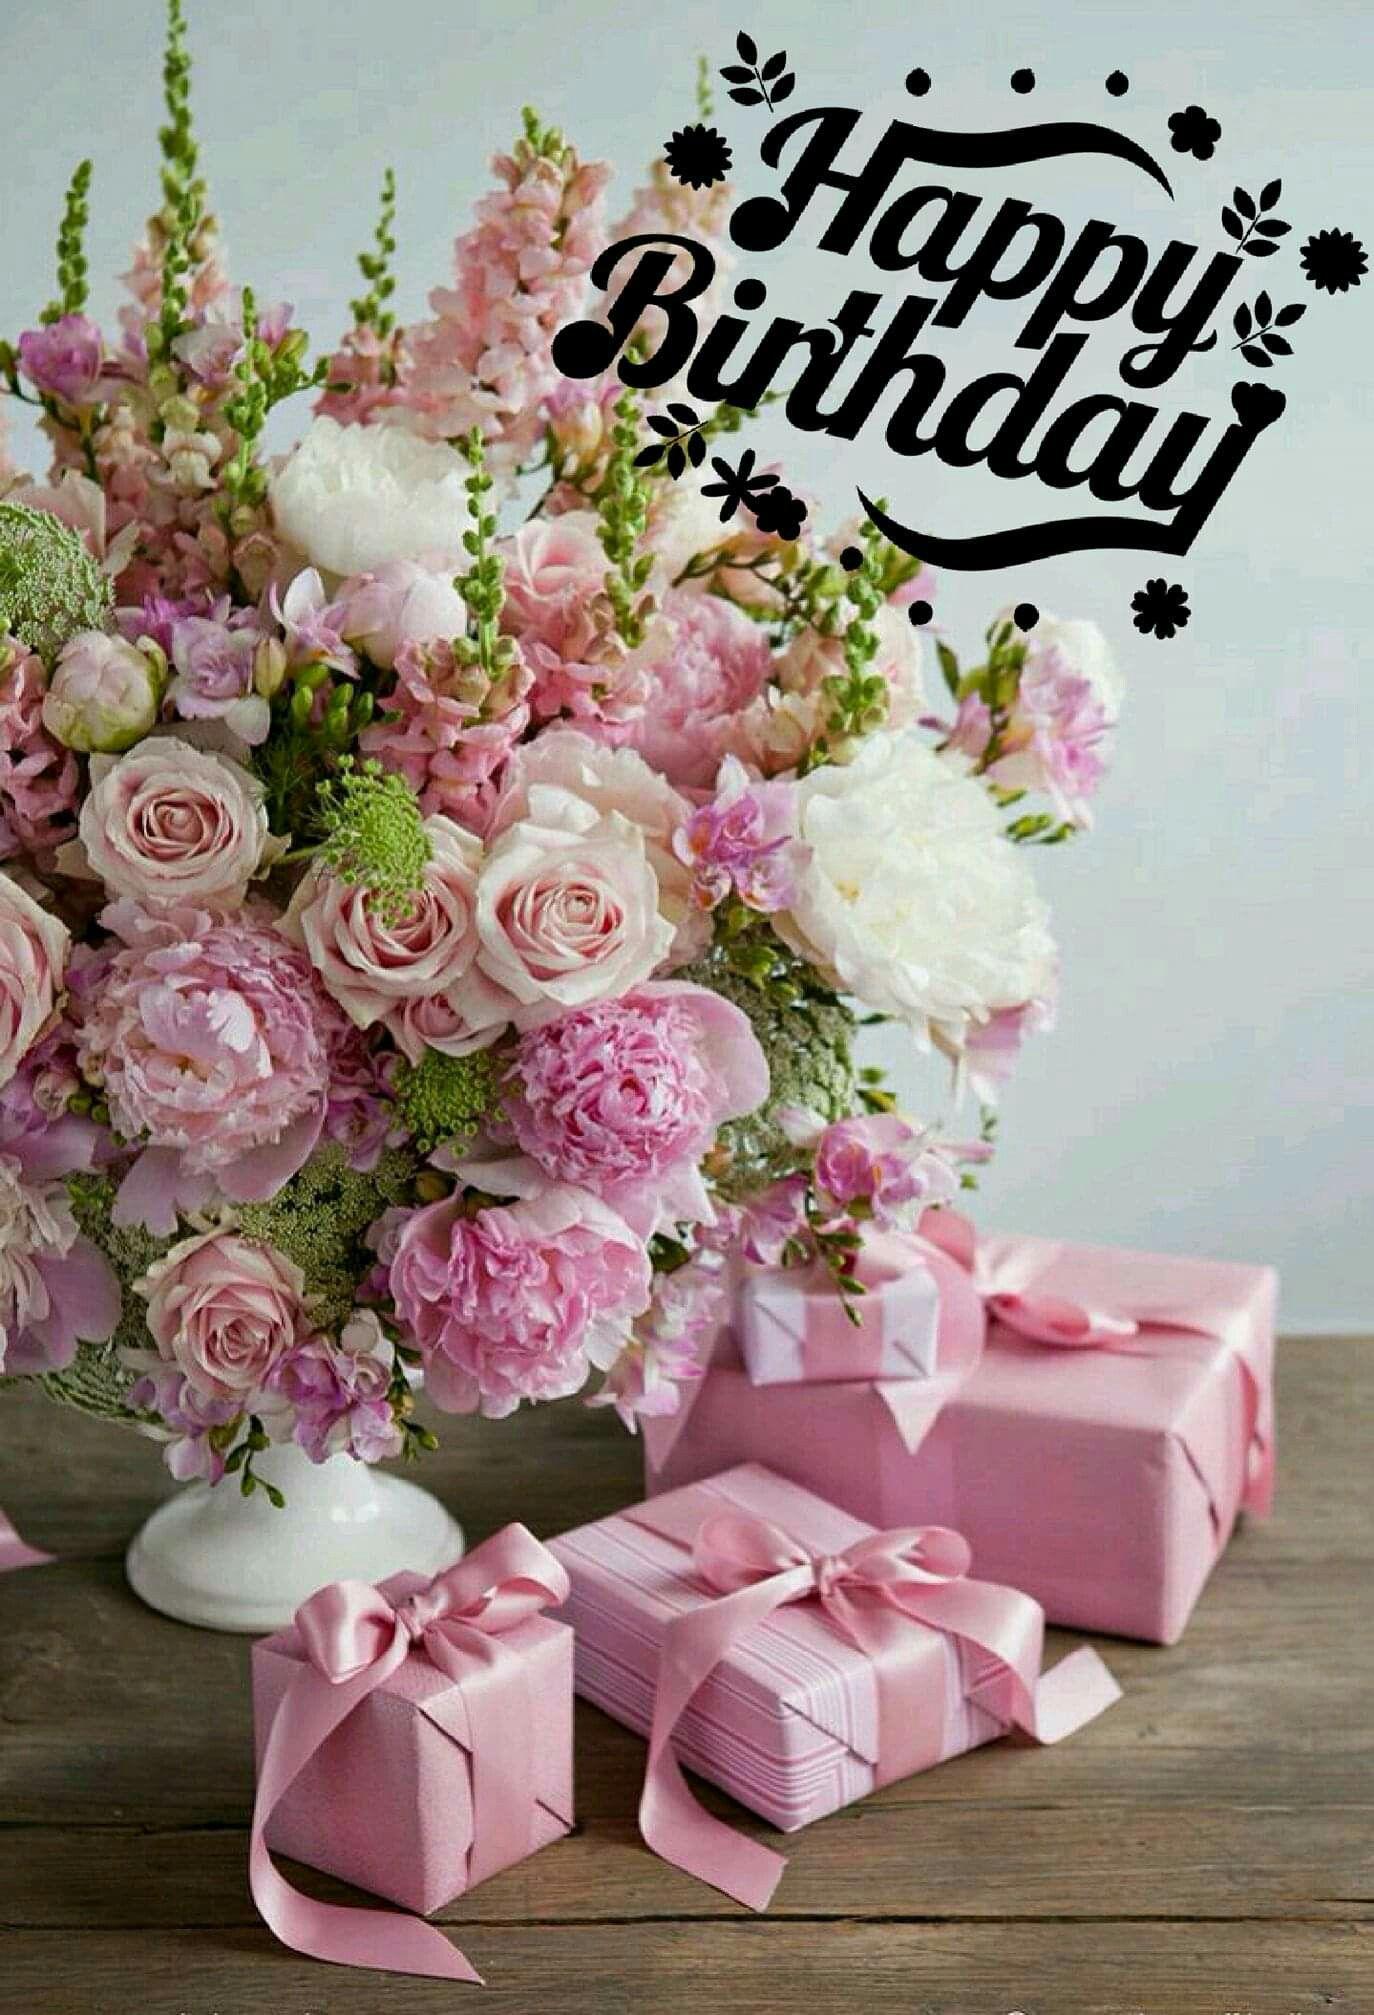 Pin By Jennifer Cabrera On Birthday Wishes Pink Flower Arrangements Birthday Flowers Arrangements Happy Birthday Flower